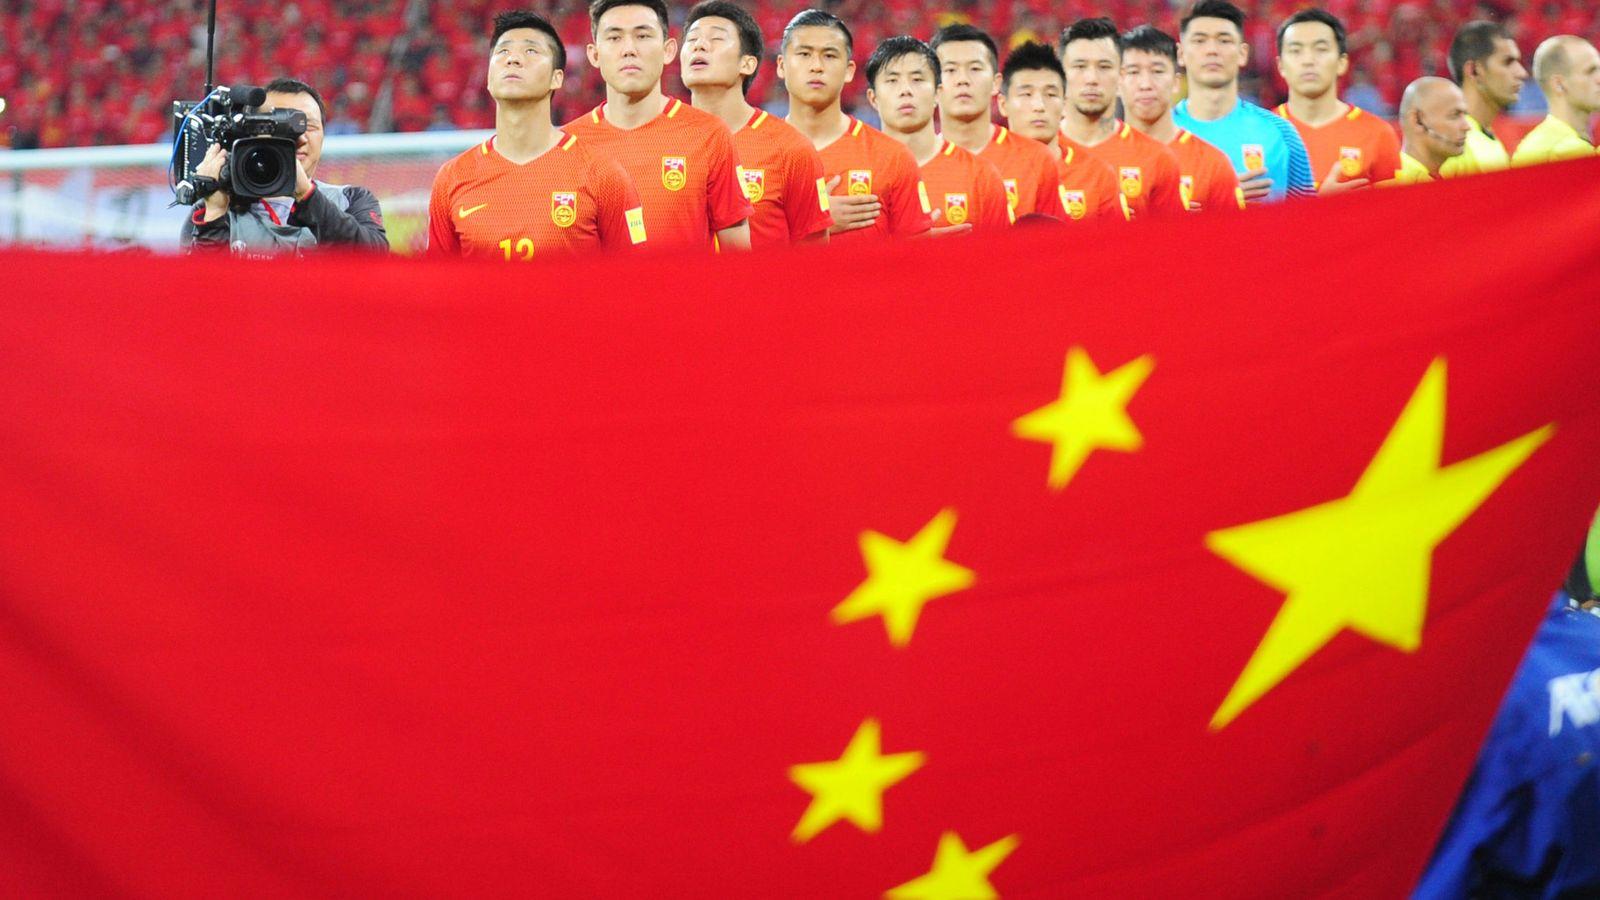 Foto: La selección de China, en un partido de clasificación para el Mundial. (Reuters)